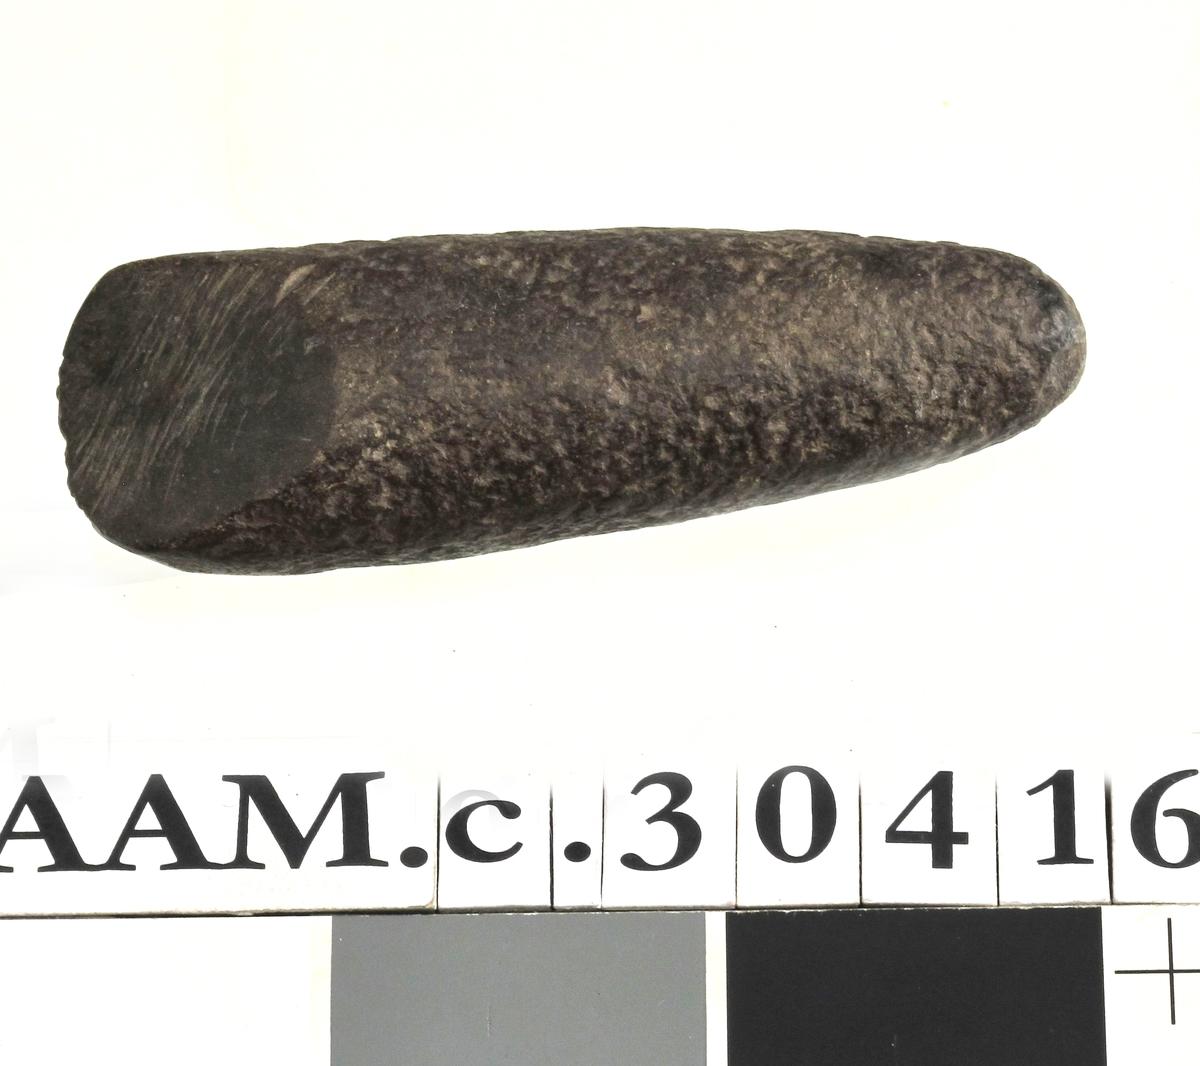 Buttnakket trinnøks av svart, tett bergart av typen [Rygh fig.12]R. 12. Oversiden delvis slipt. Her er dessuten en kort tverregg slipt til (sekundært). På den ene siden merket KK (Knud Knudsen) som var finneren. Godt bevart. Lengde 11,4 cm, breddeover eggen 3,7 cm.